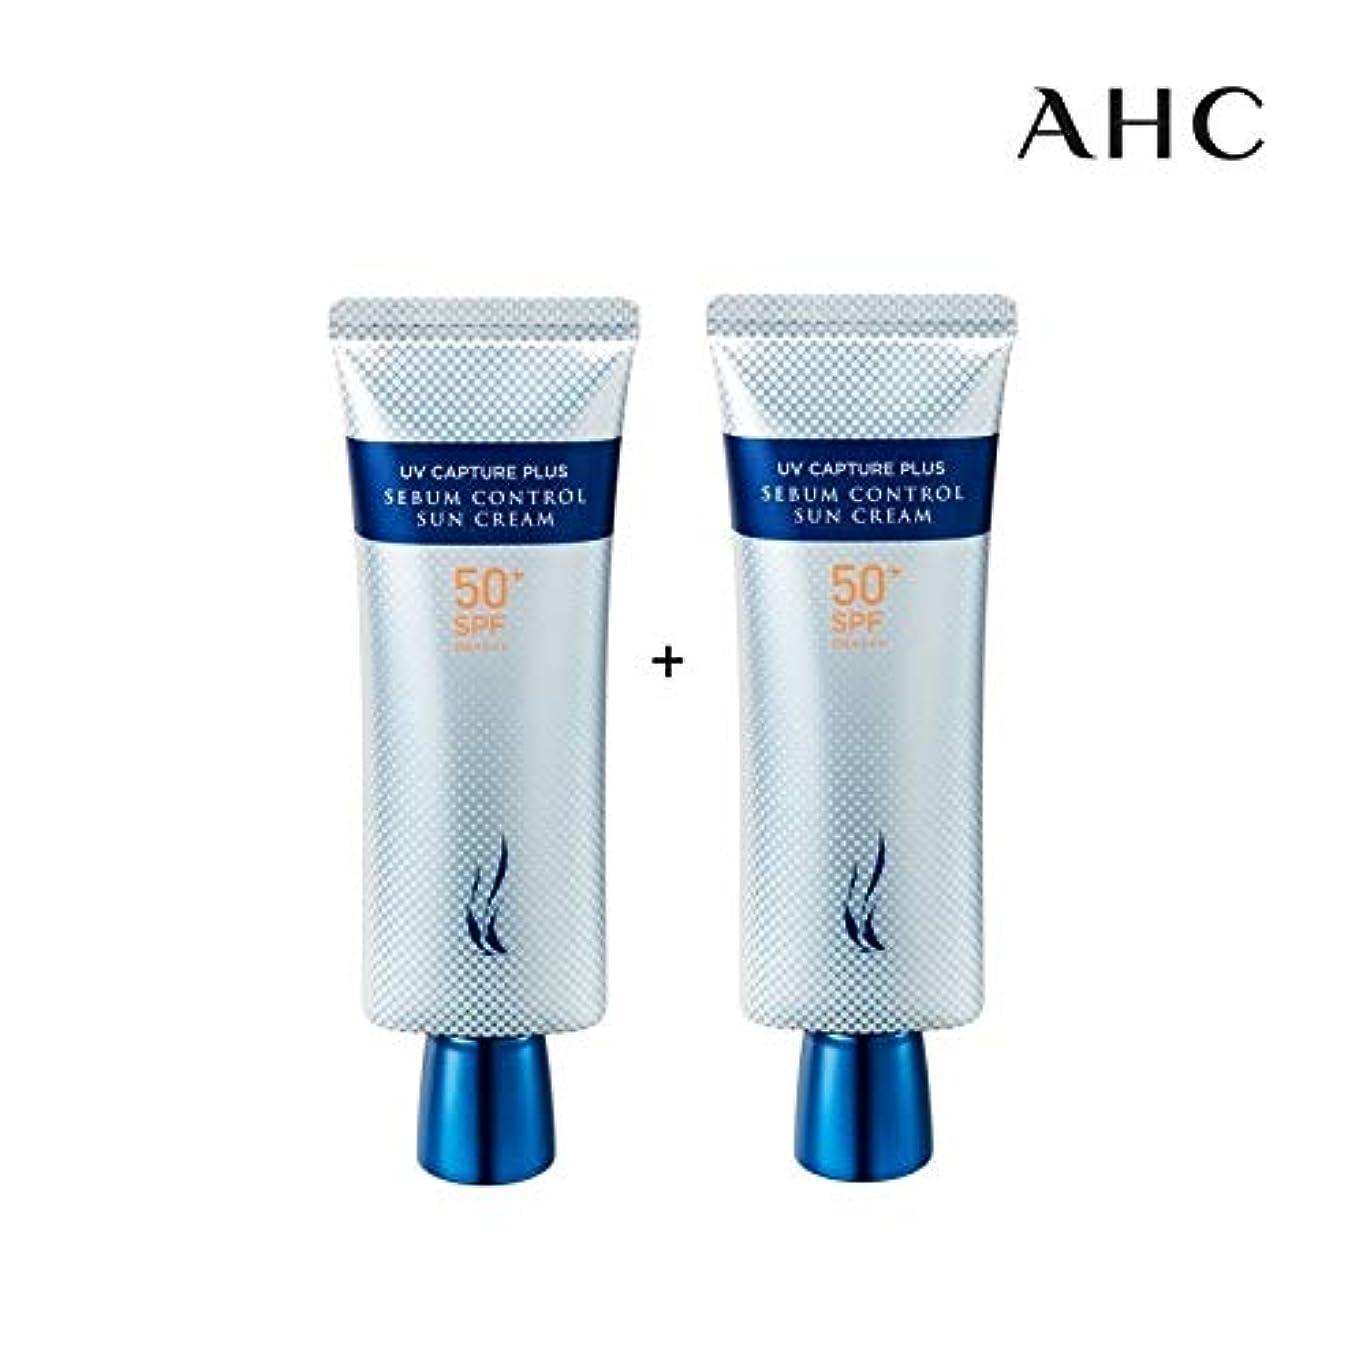 等好奇心抵抗力がある[1+1] [ギフト付き] AHC UV キャプチャー プラス シーバム コントロール サンクリーム SPF50+/PA++++ 50ml